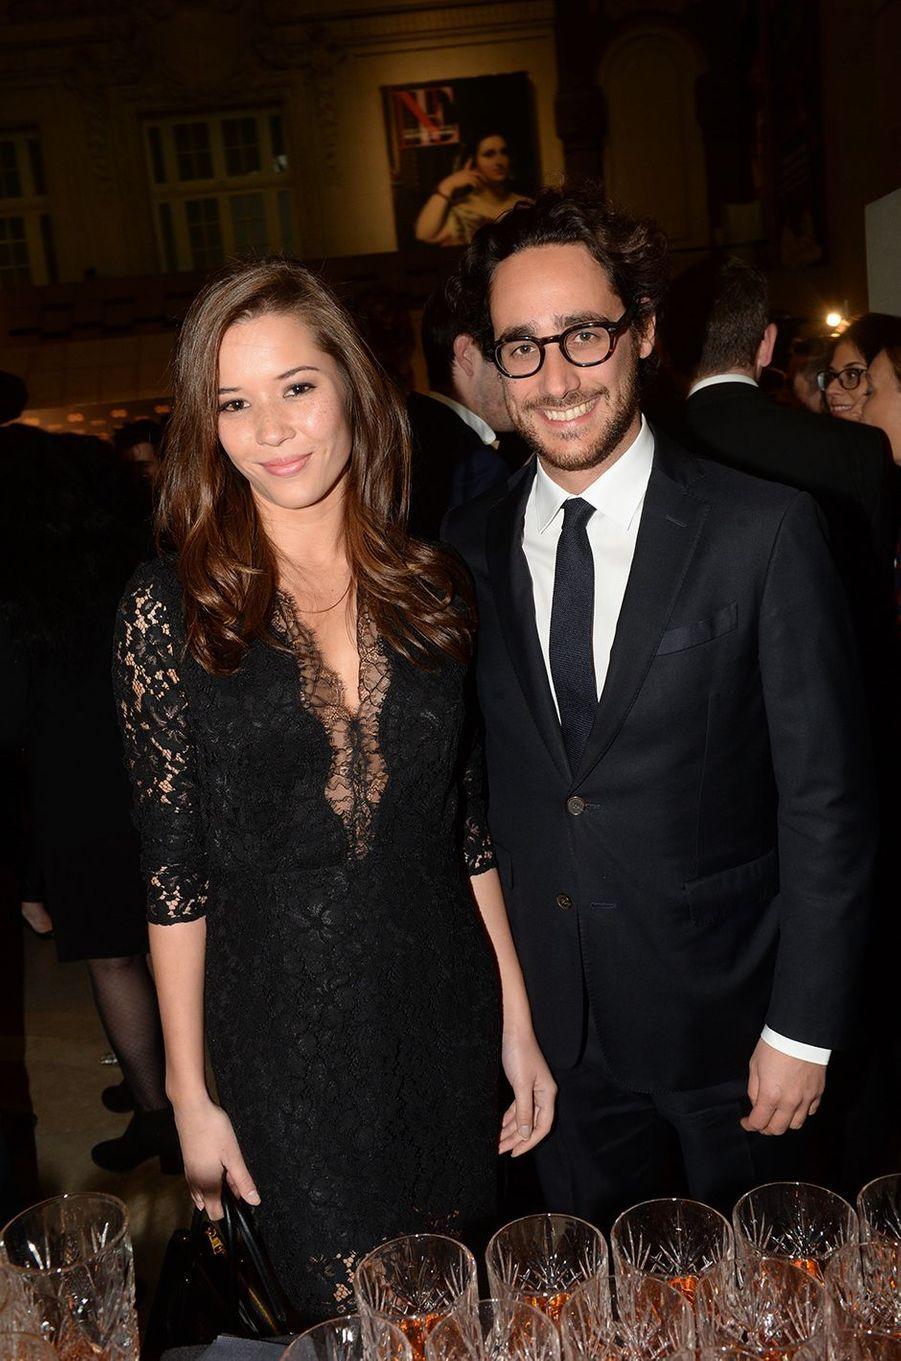 Thomas Hollande et sa compagne Emilie, à la soirée GQ à Paris, le 23 novembre 2016.